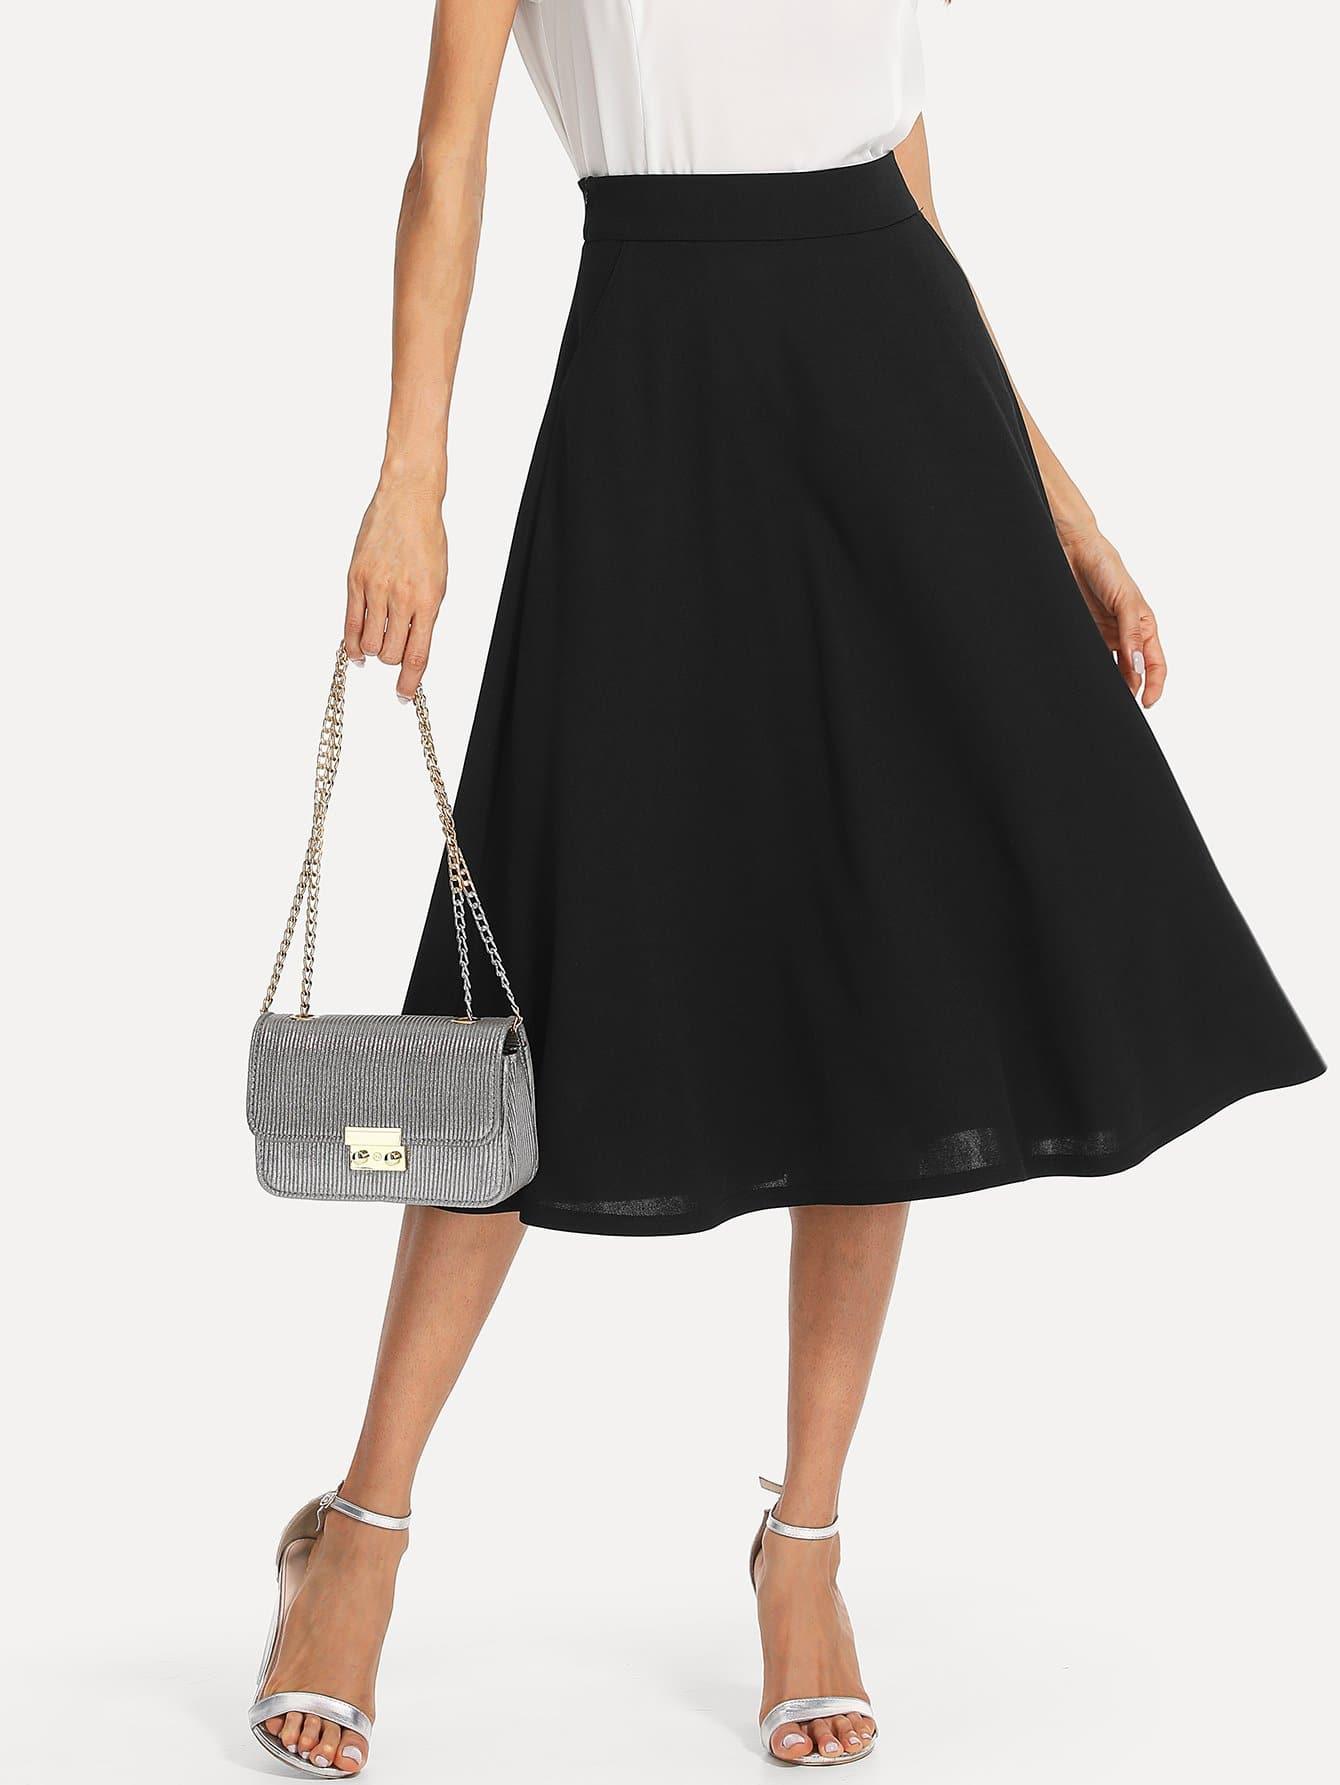 Наклонная круглая круглая юбка, Andy, SheIn  - купить со скидкой